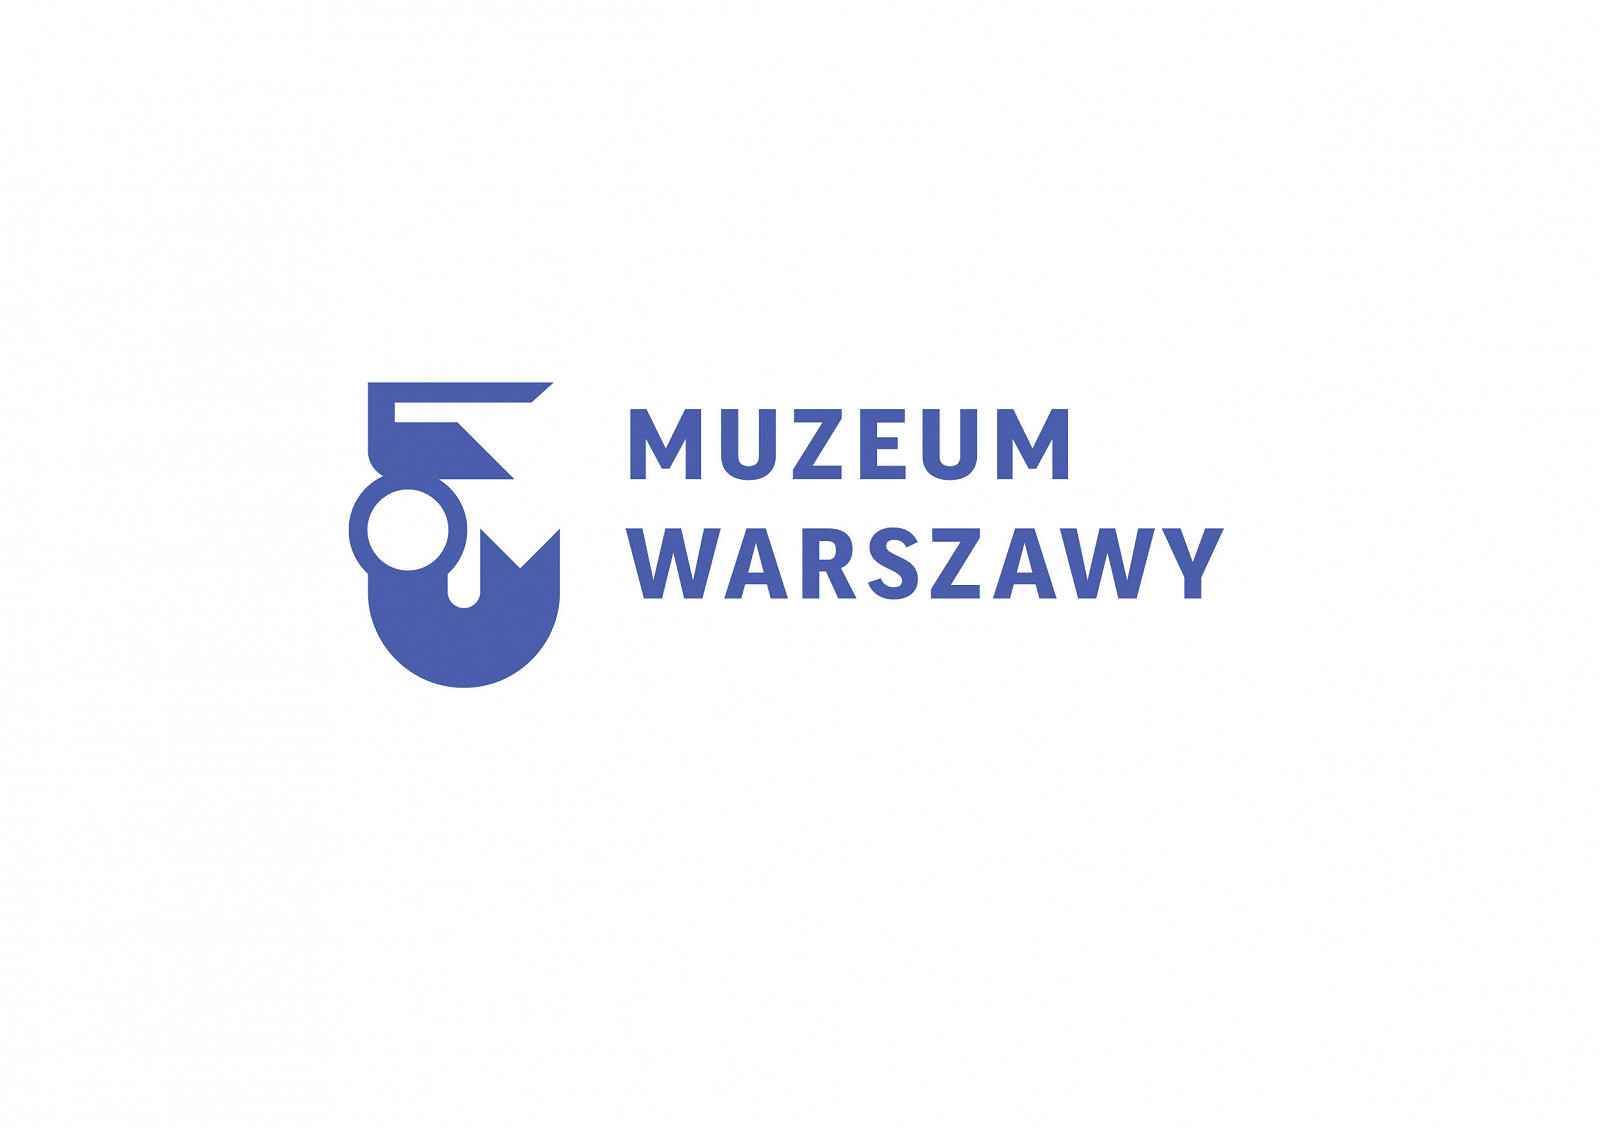 MUZEUM_WARSZAWY_logo_poziom_kolor.jpg [149.50 KB]